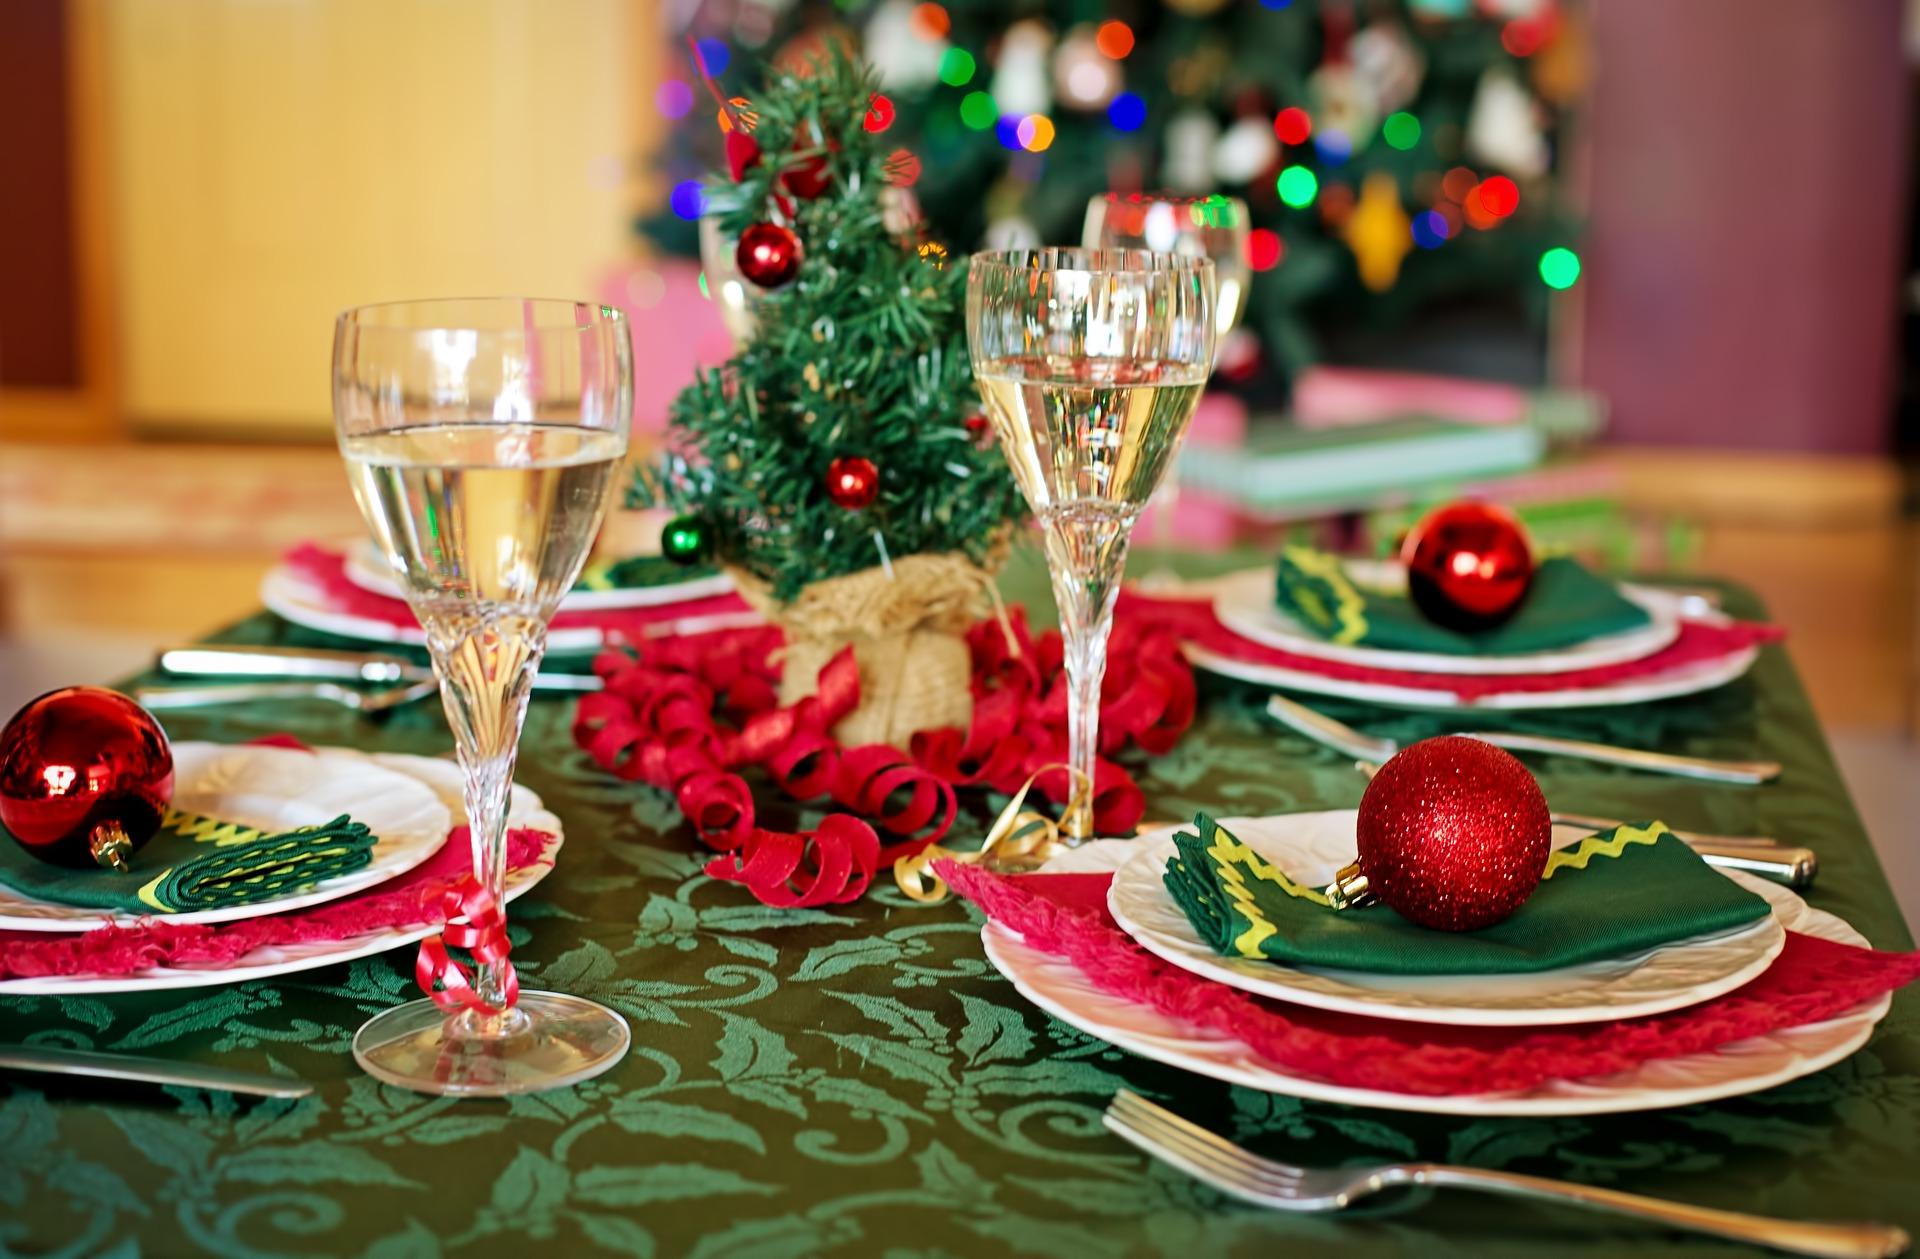 【2020年版】 名古屋&栄クリスマスディナー厳選まとめ【個室あり】